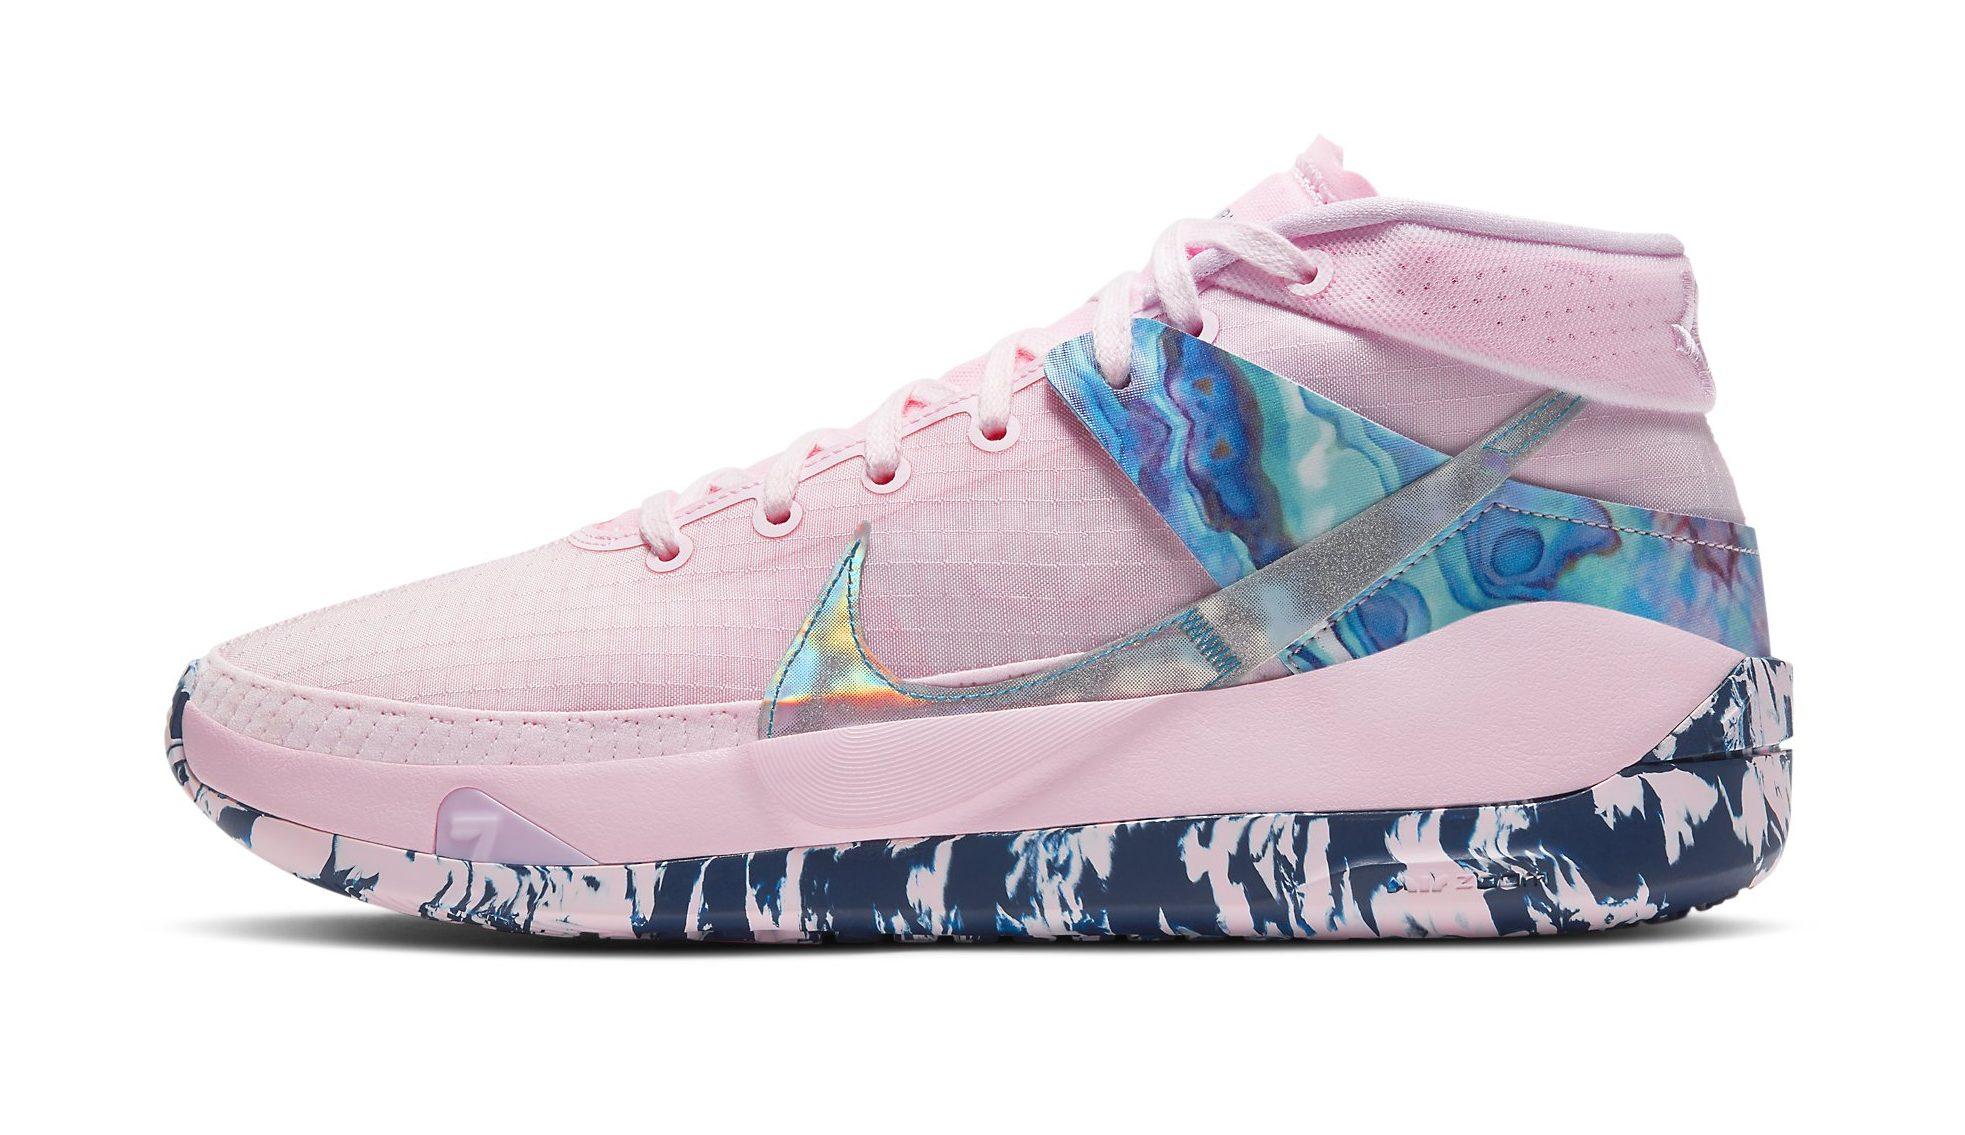 Nike KD 13 'Aunt Pearl' Release Info